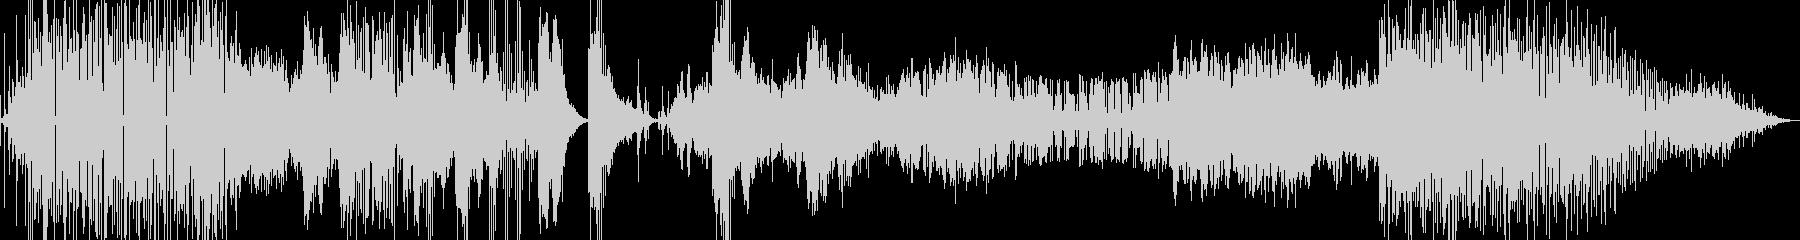 少しダークなエレクトロ クラブミュージ…の未再生の波形